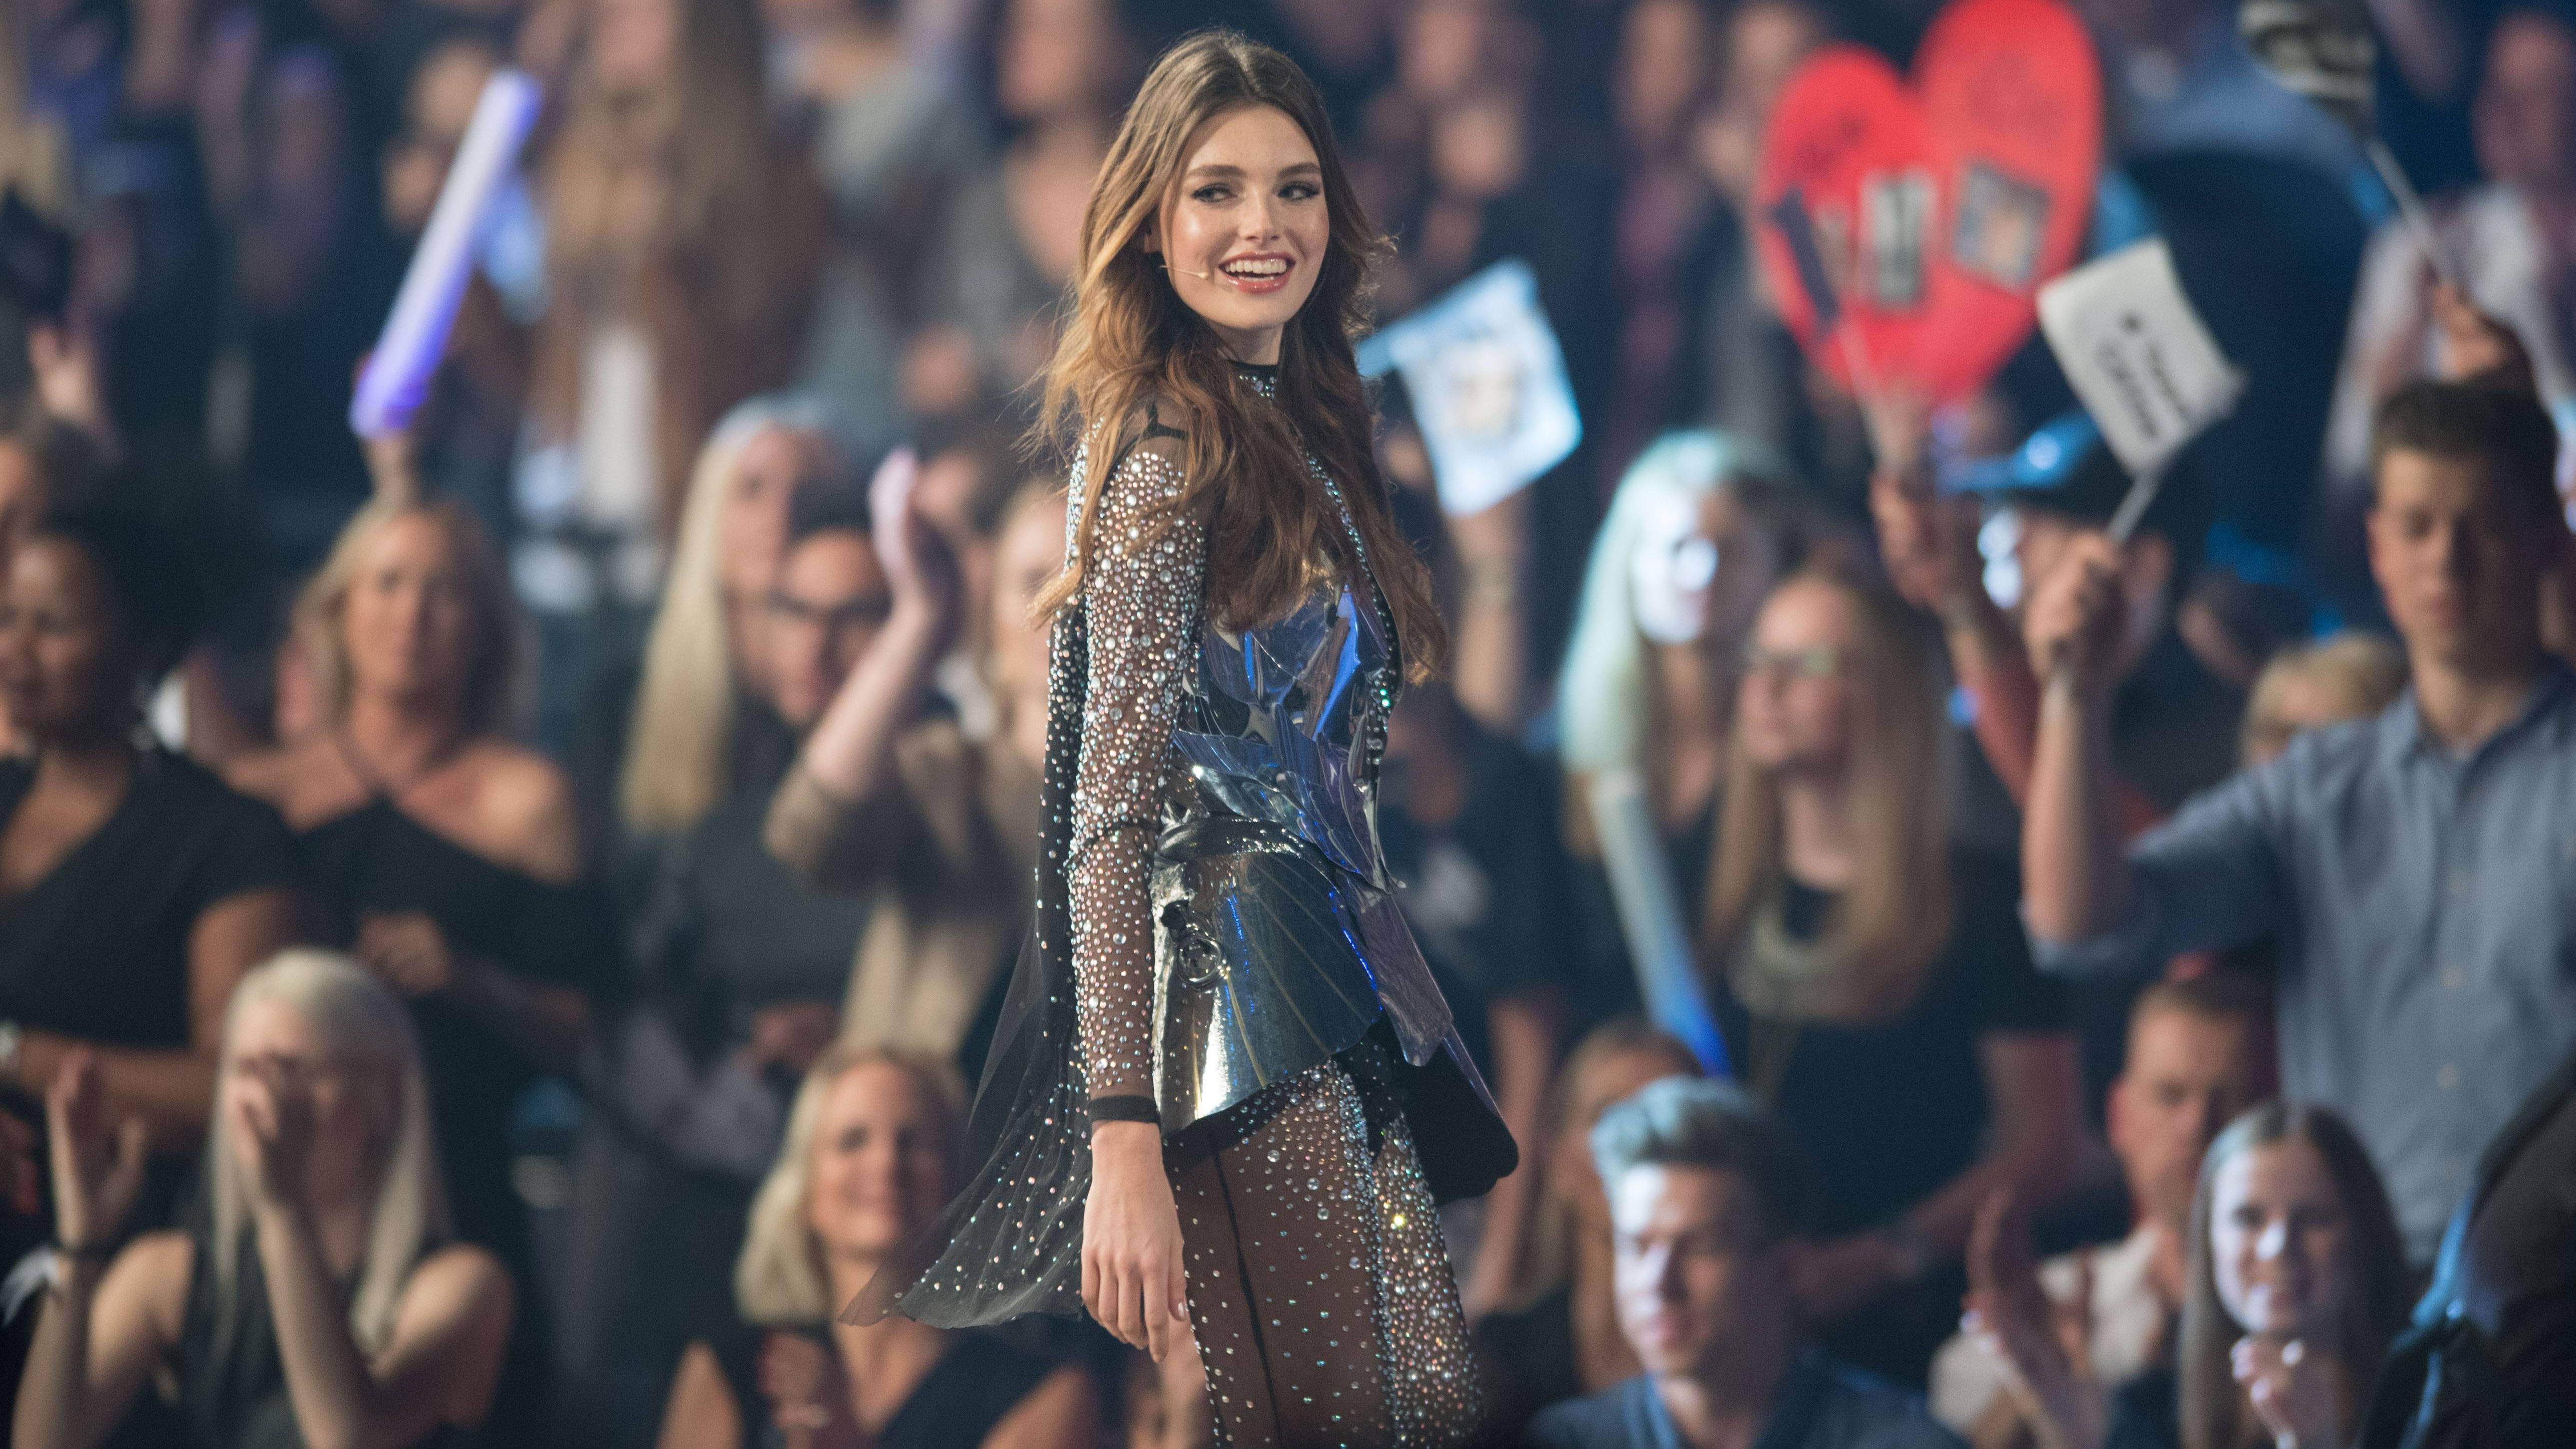 Céline Bethmann ist ein erfolgreiches Model.